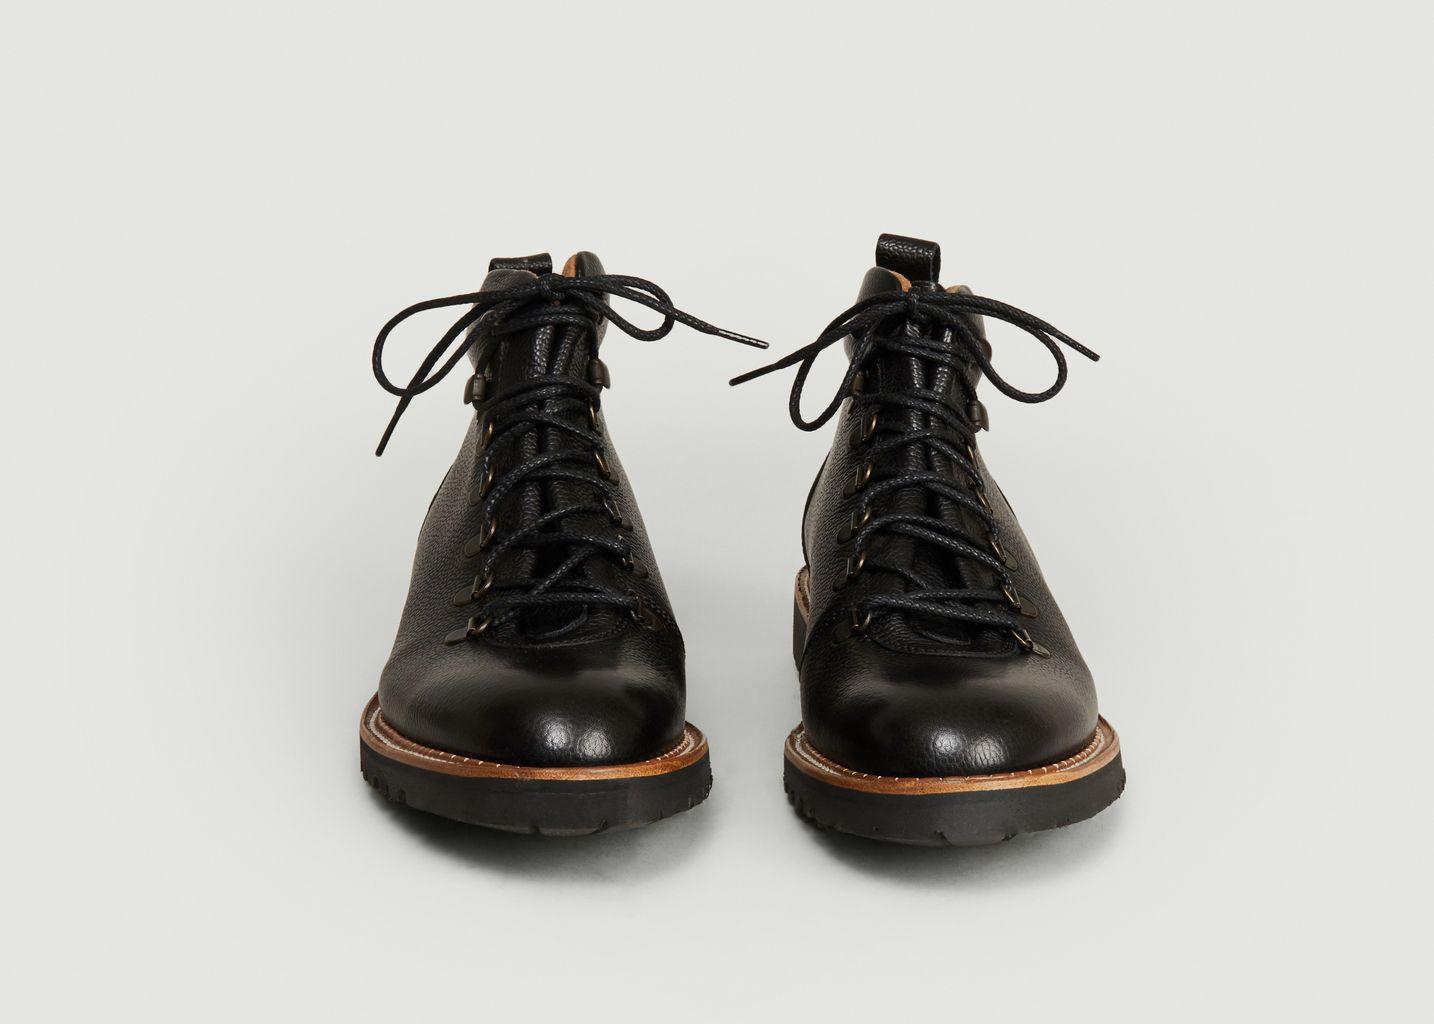 Boots Glencoe - L'Exception Paris